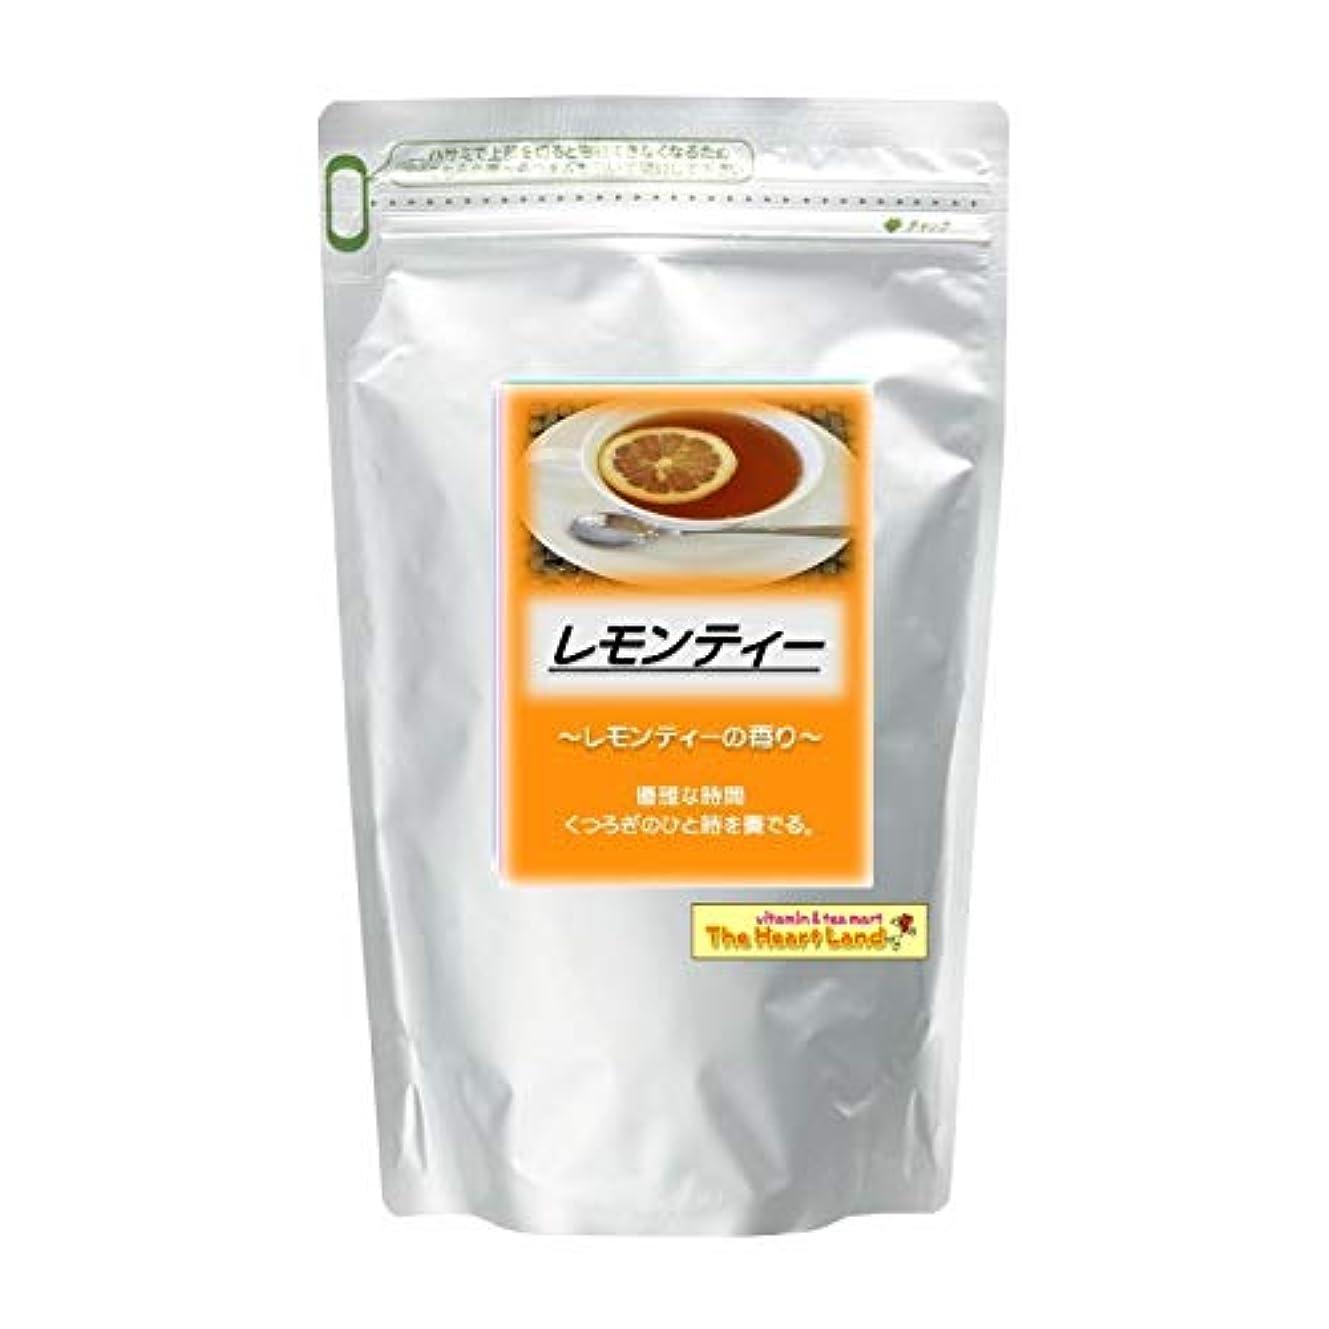 センター識字宅配便アサヒ入浴剤 浴用入浴化粧品 レモンティー 2.5kg